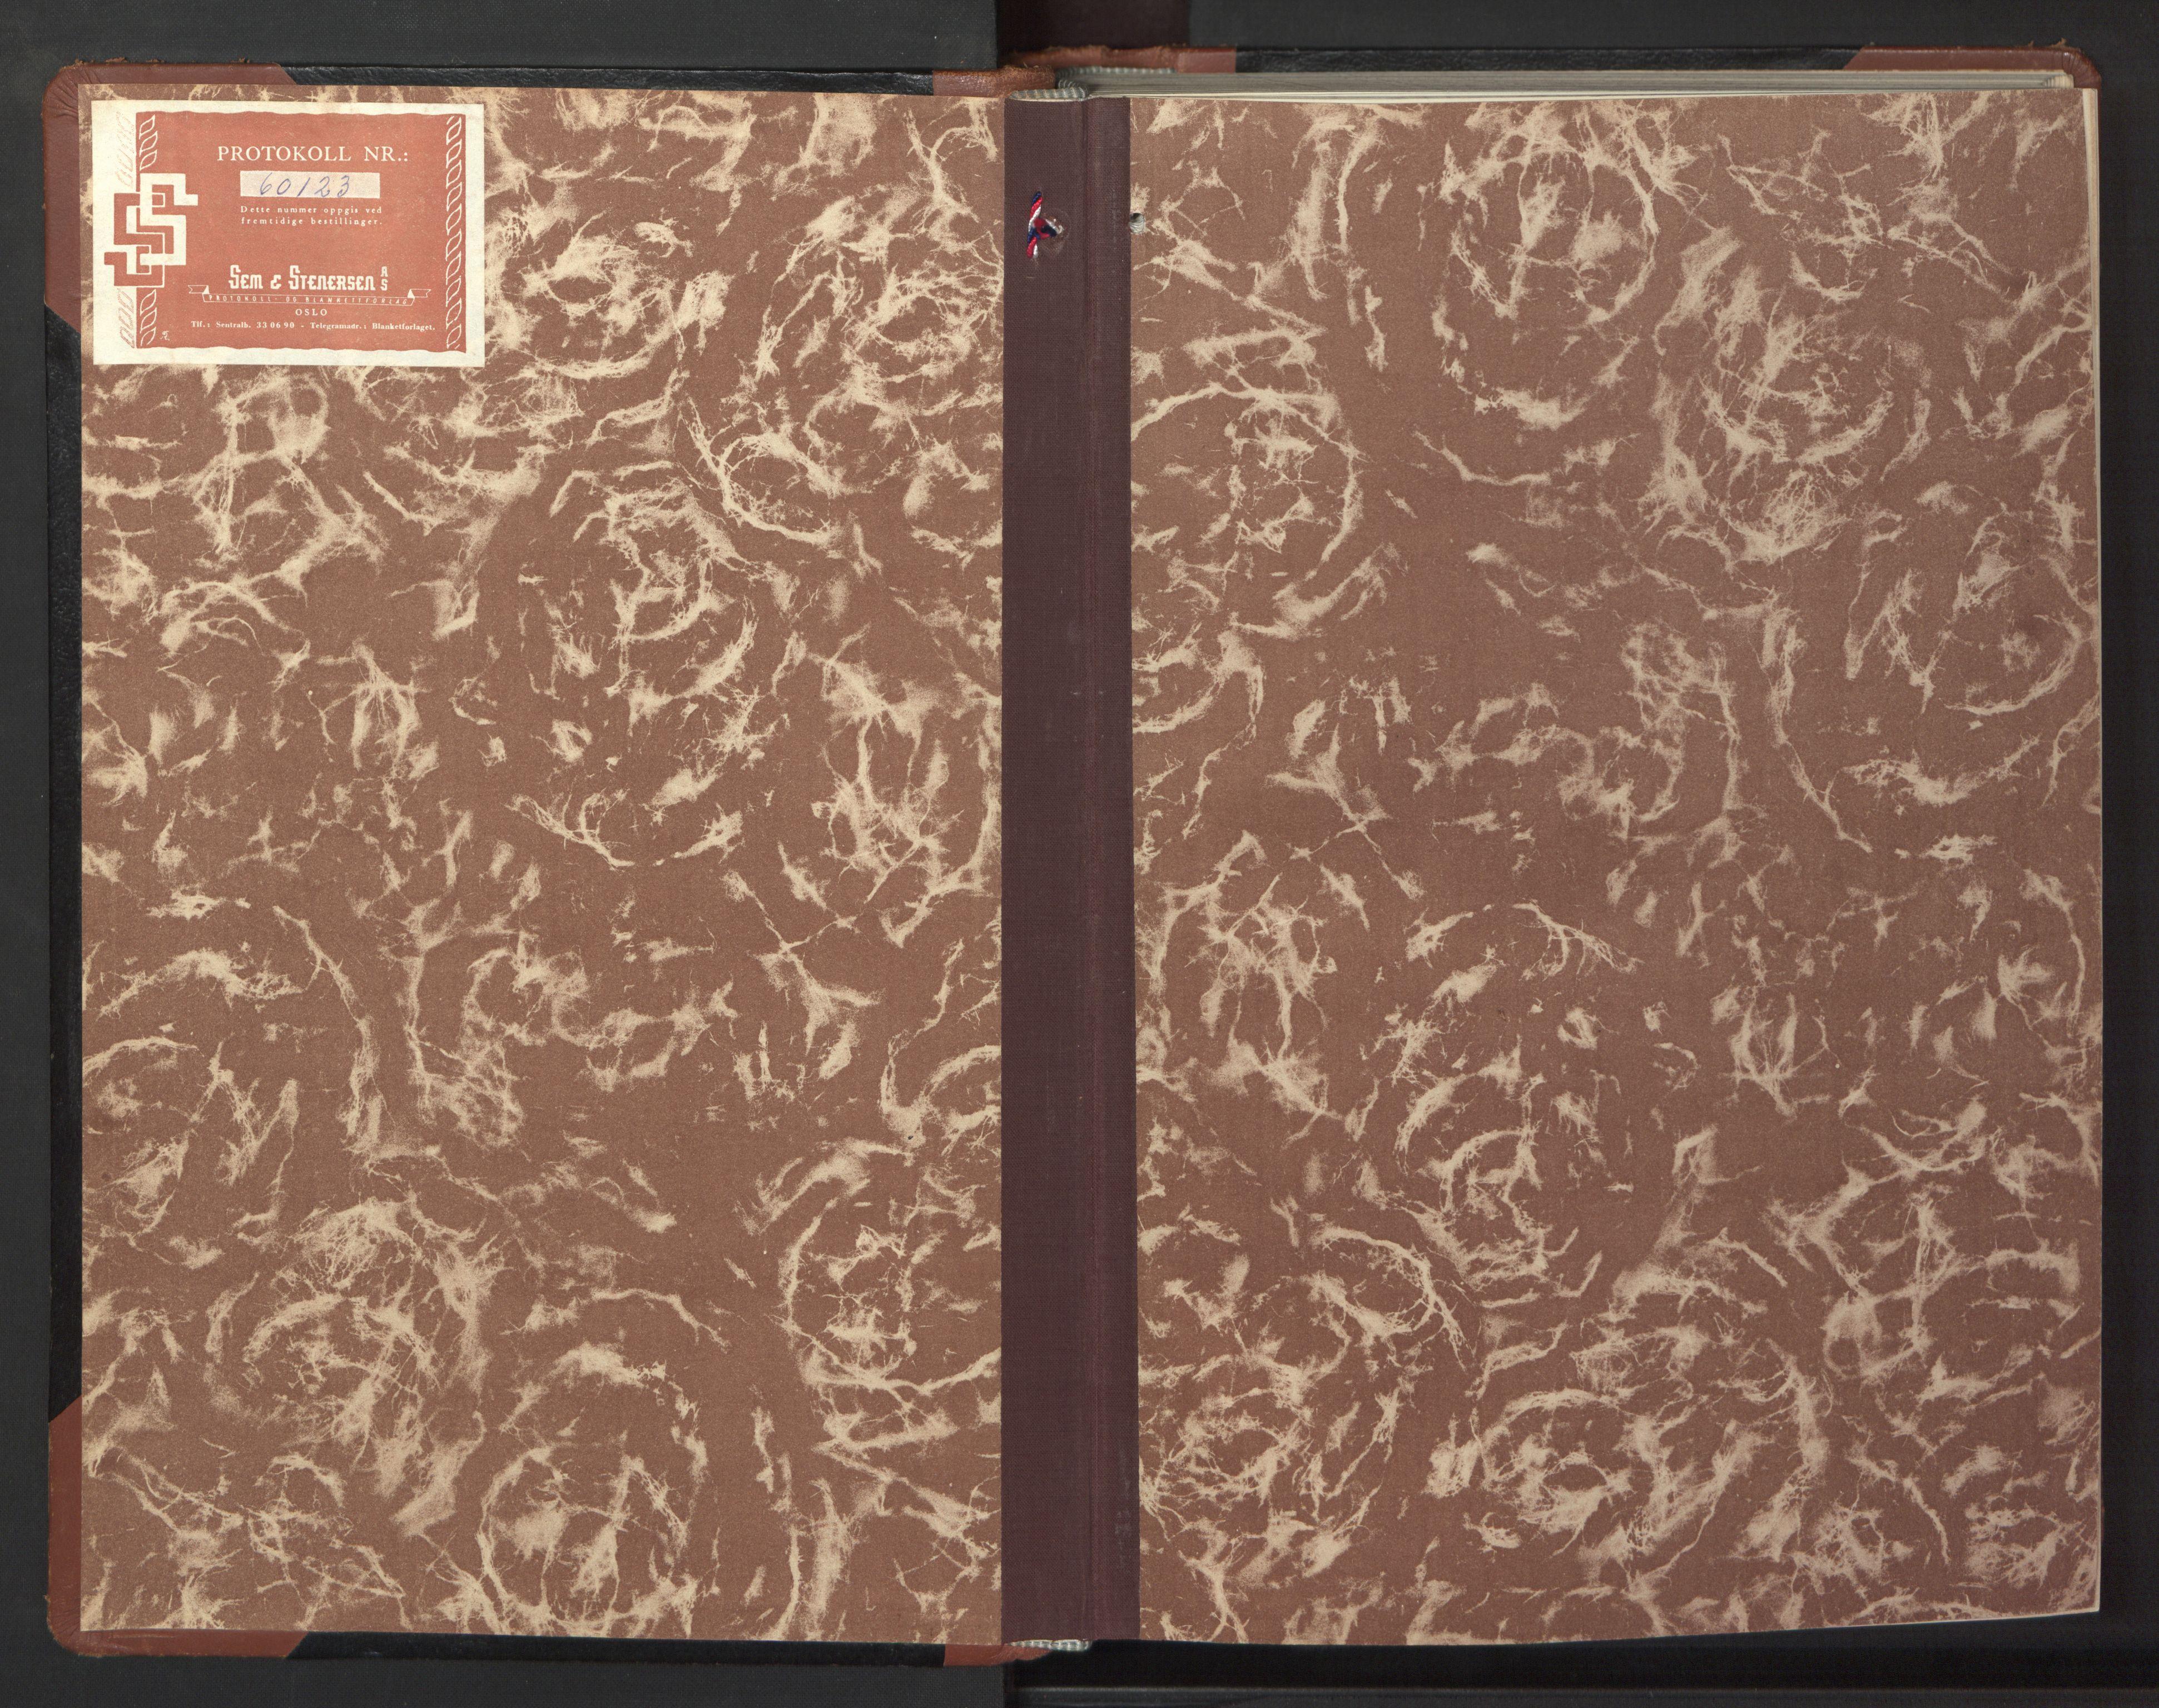 SAT, Ministerialprotokoller, klokkerbøker og fødselsregistre - Nord-Trøndelag, 773/L0625: Klokkerbok nr. 773C01, 1910-1952